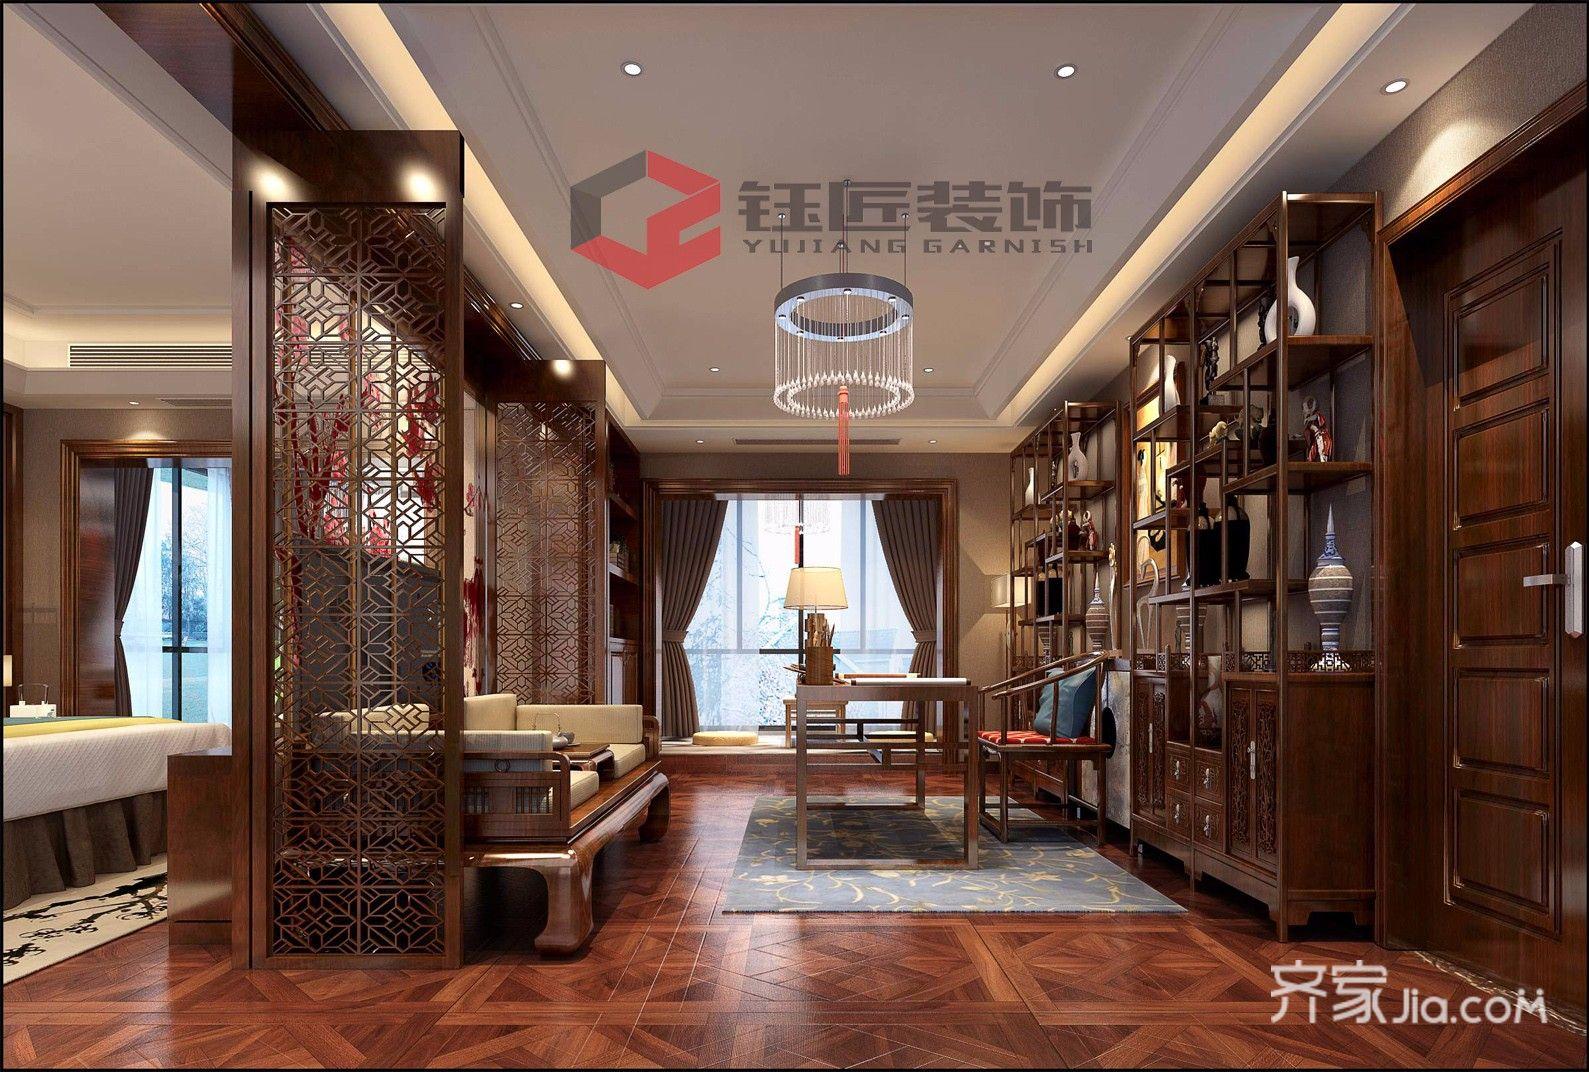 豪华新中式风格别墅书房装修效果图